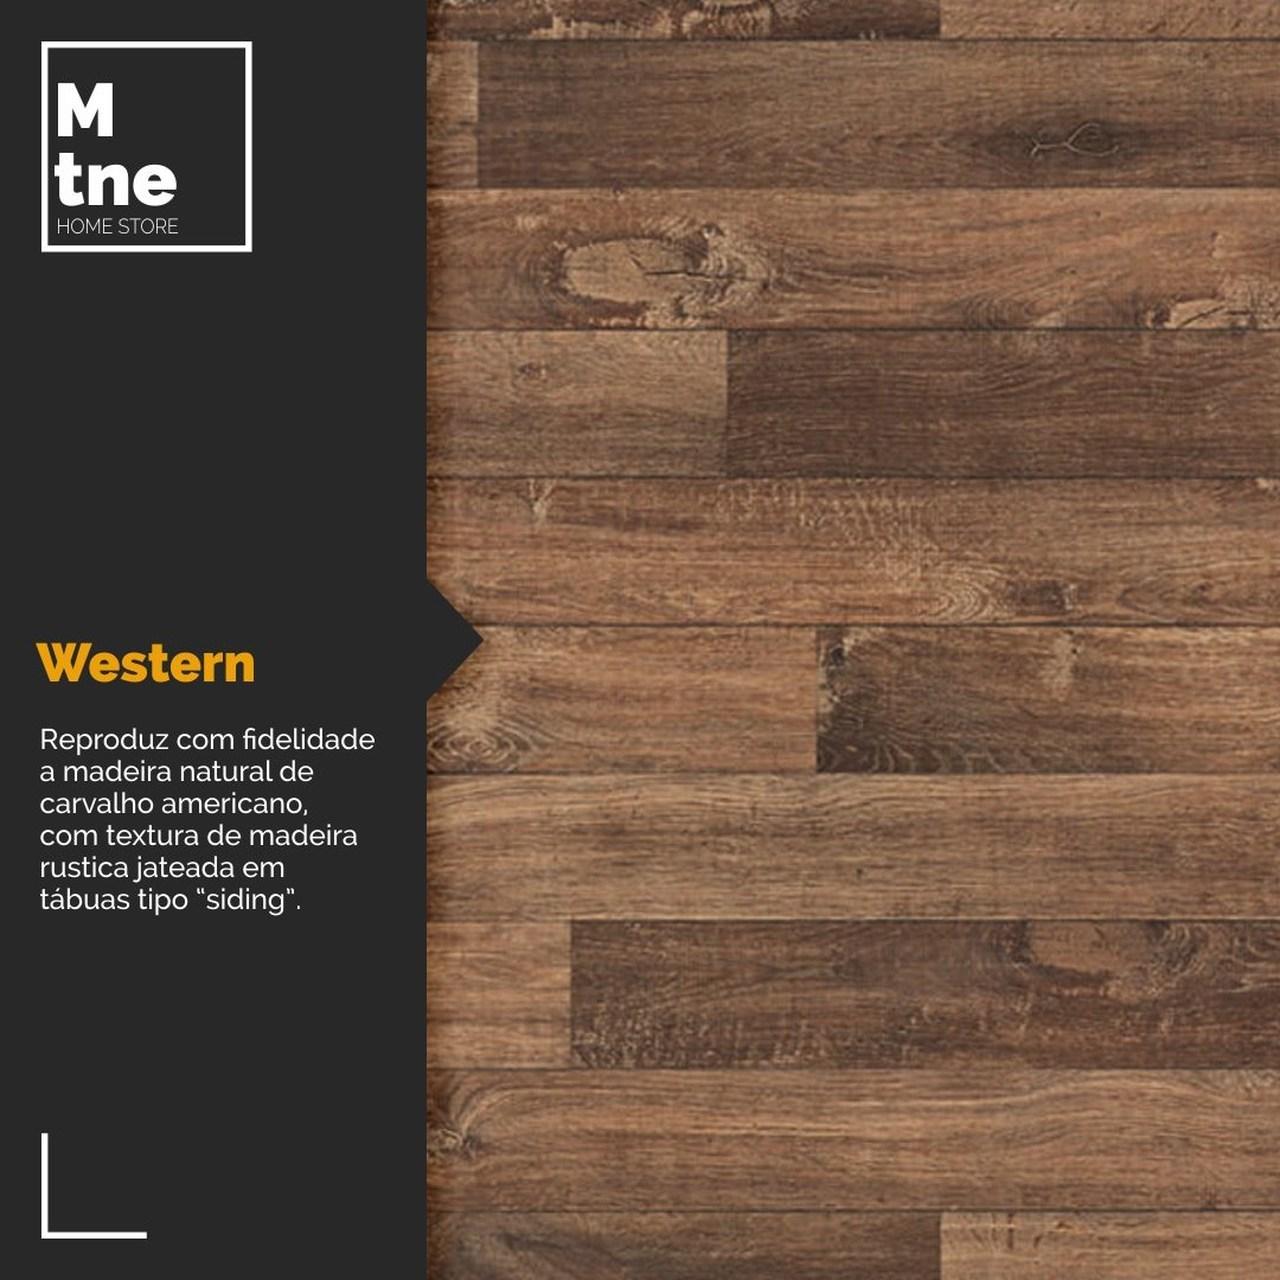 Banco Western com Squared Legs e Tampo 100% MDF  - Mtne Store